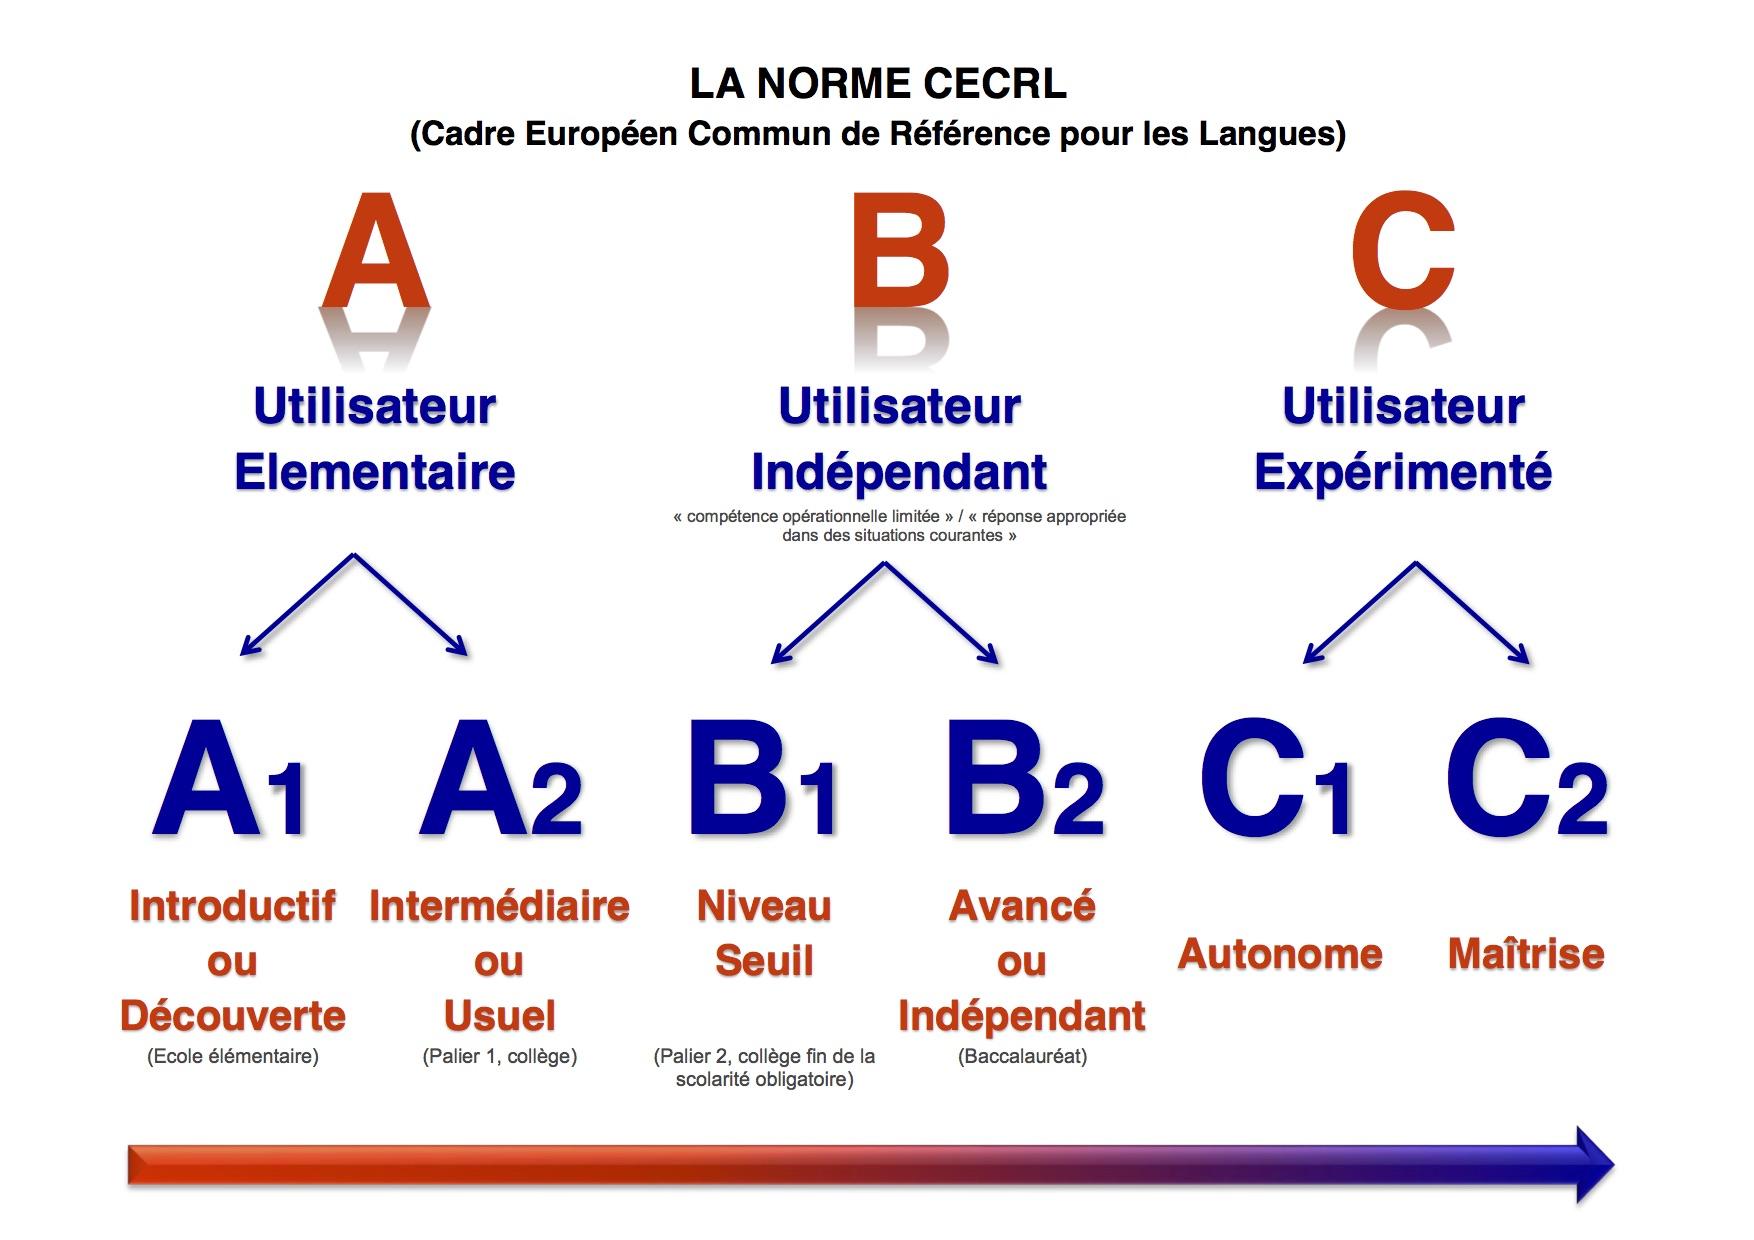 tableau des normes cecrl